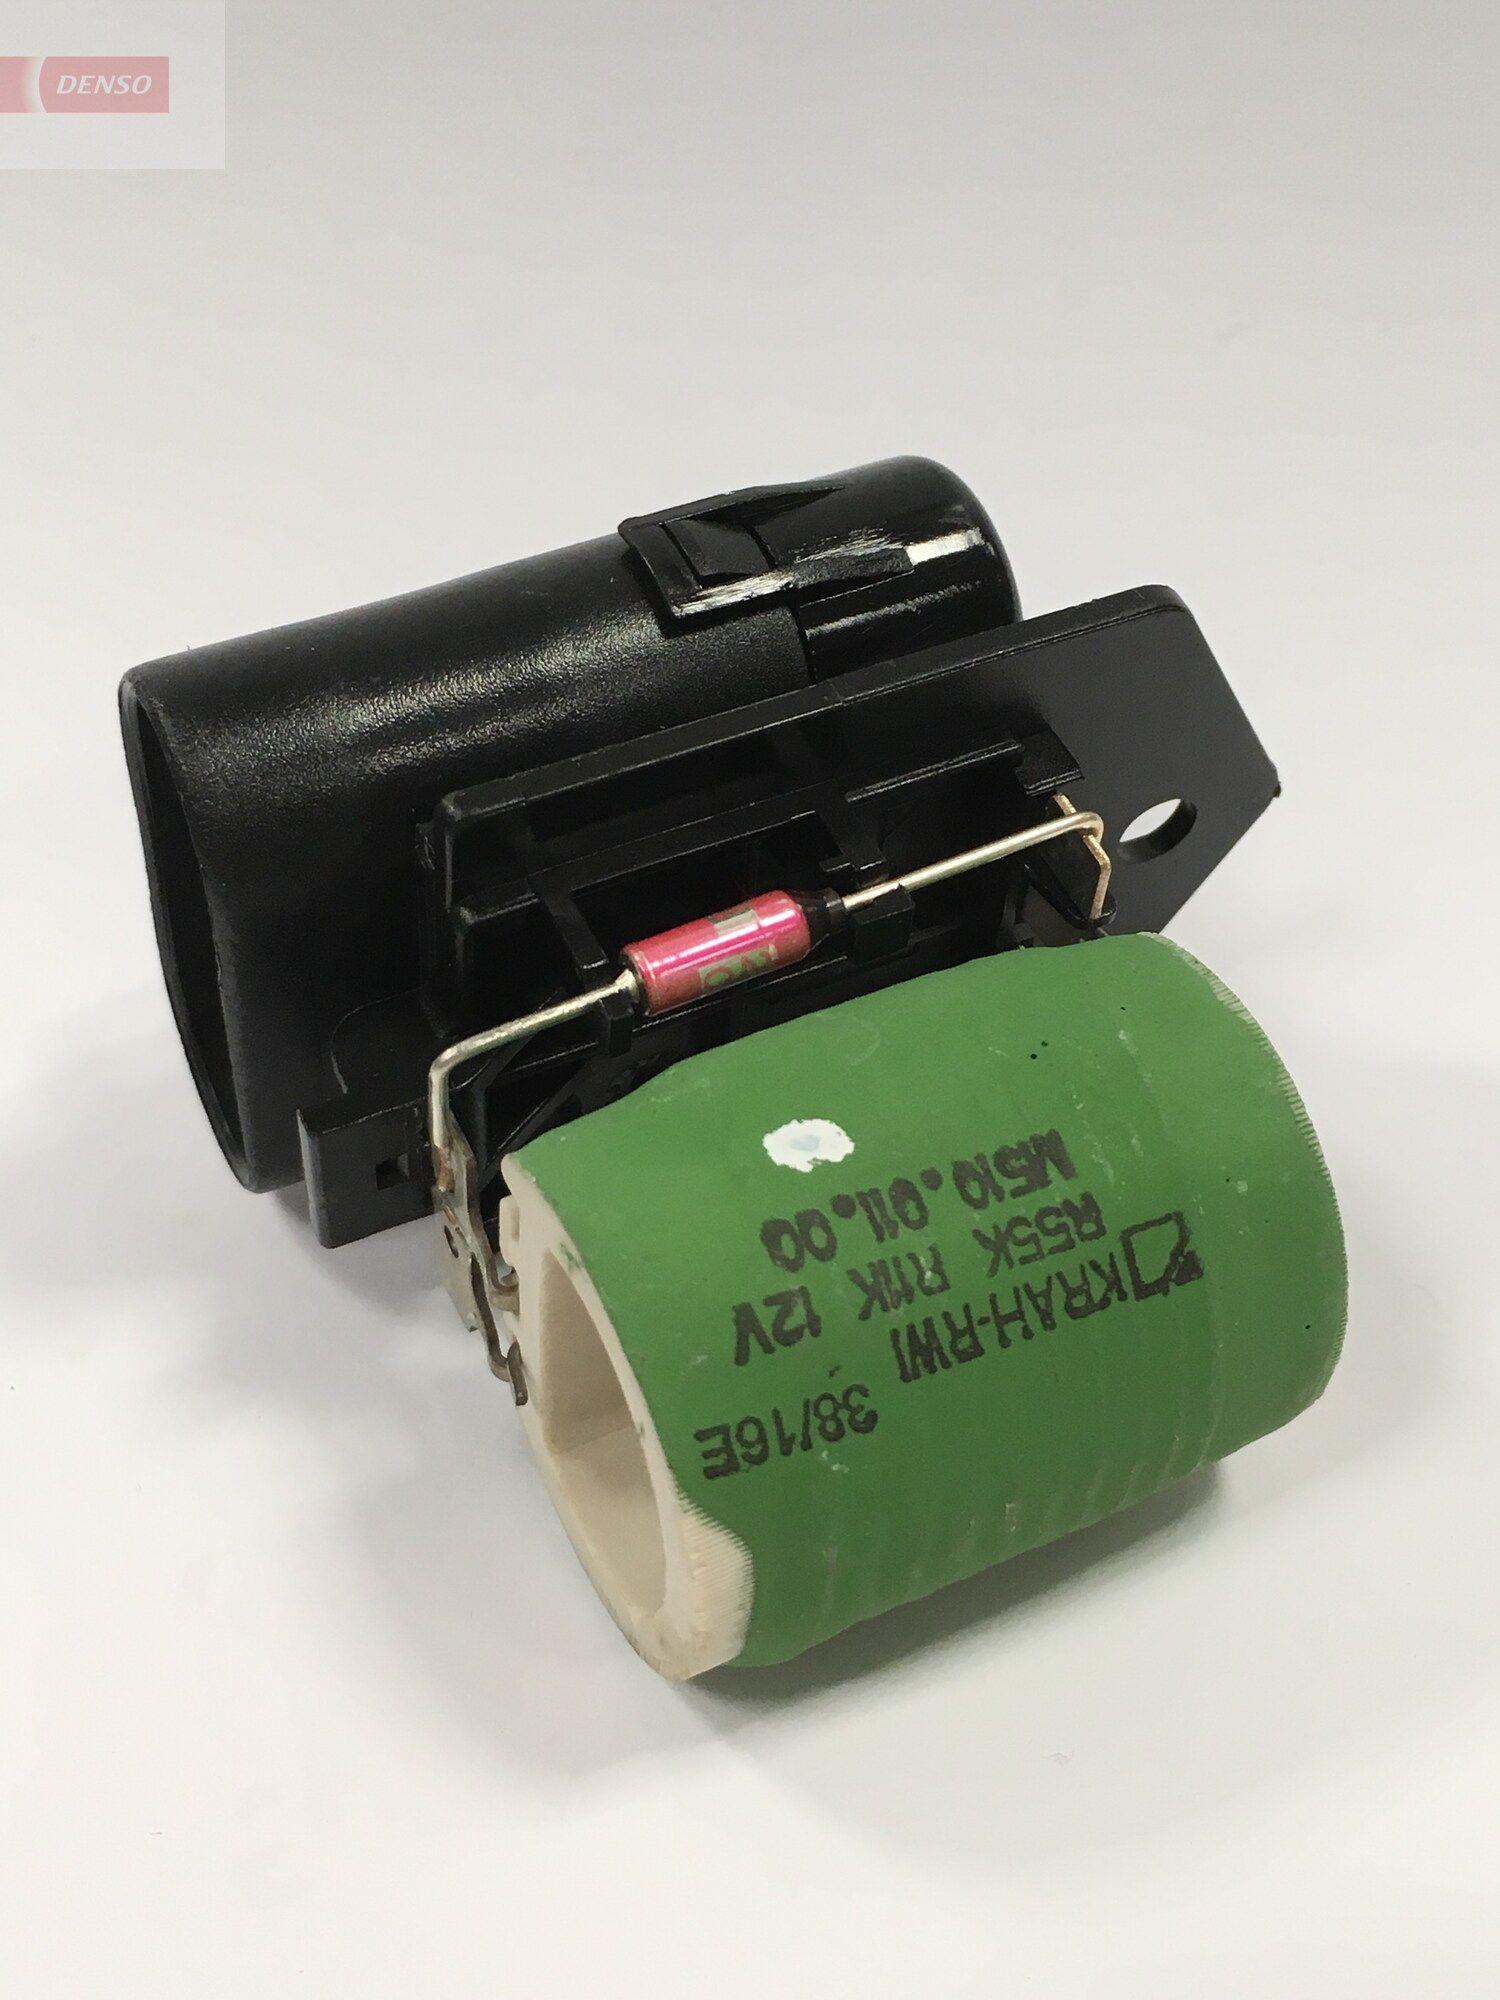 Prerezistorius, el. variklio radiatoriaus ventiliatorius DRS09023 pirkti - 24/7